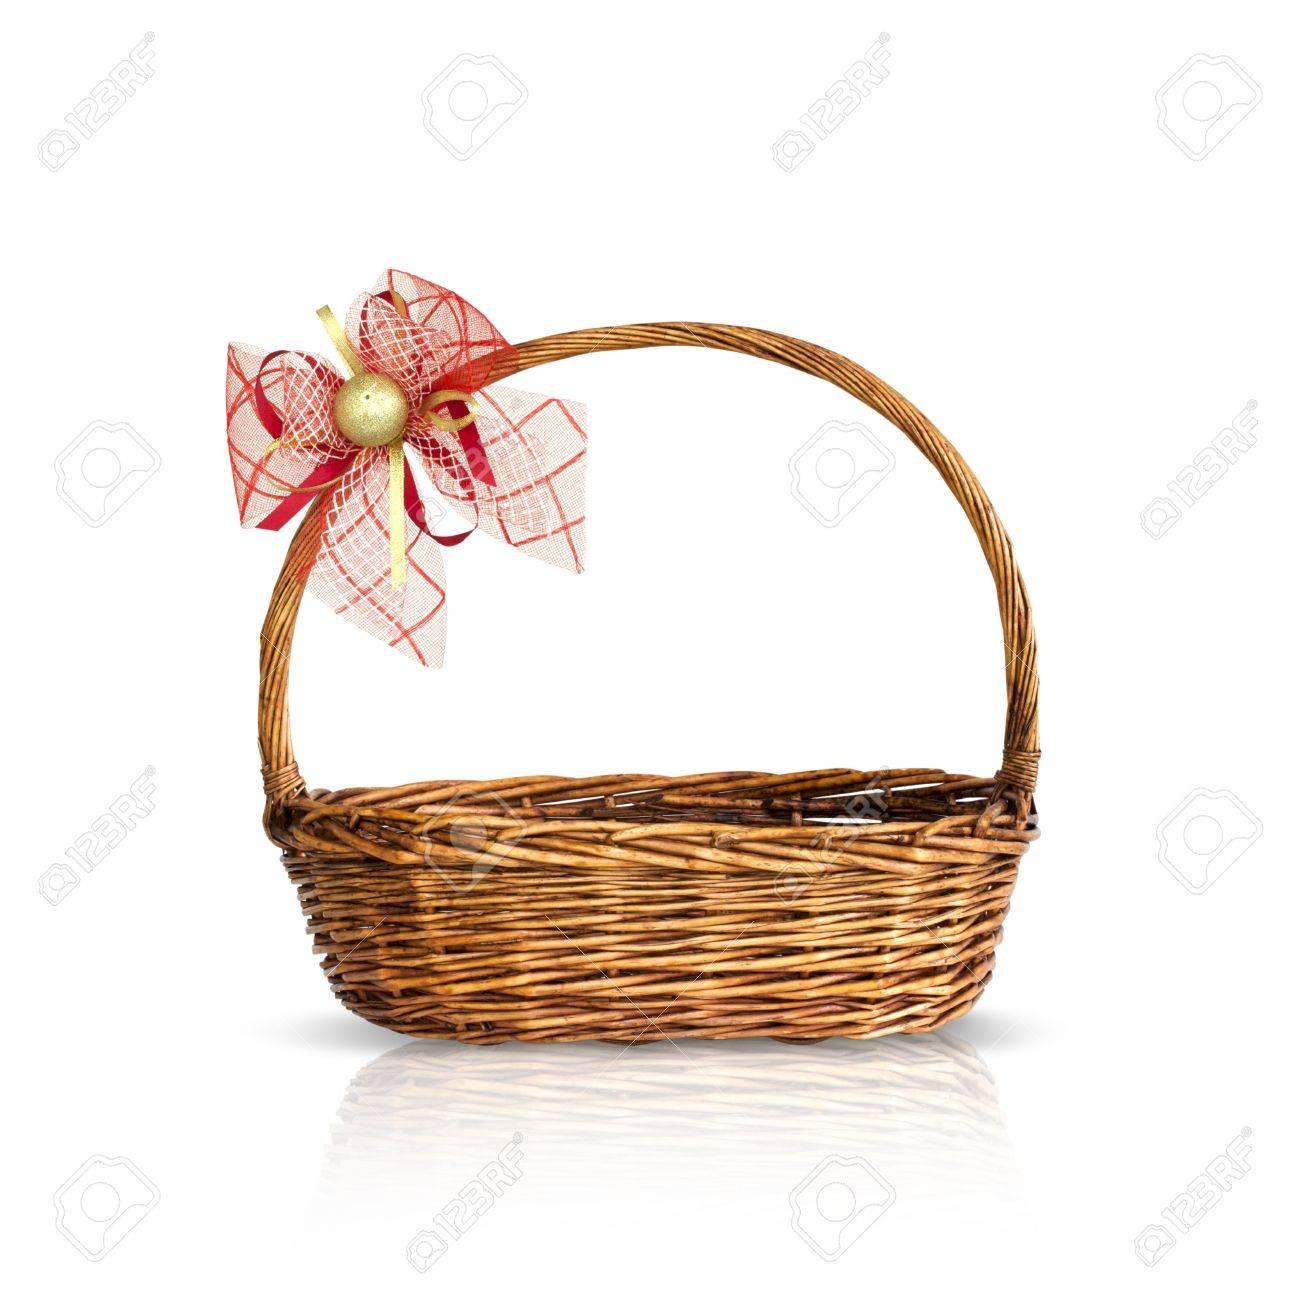 Bamboo basket isolated Stock Photo - 10016995